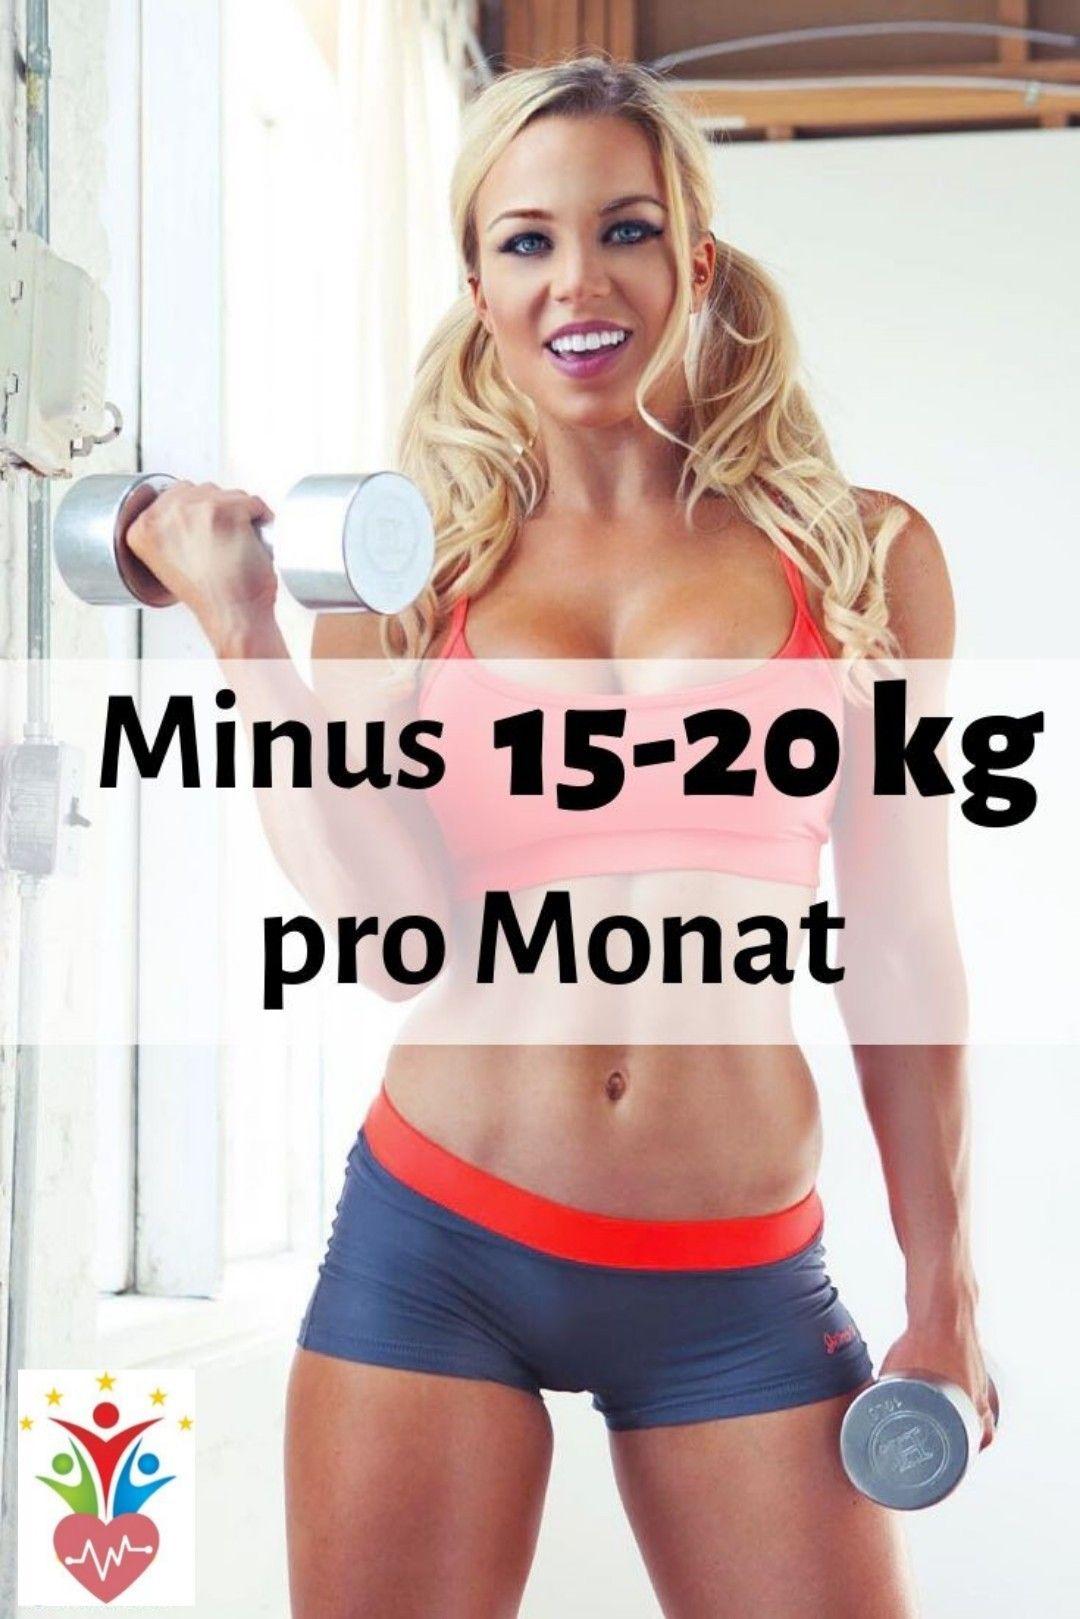 Übungen zum Abnehmen konvertieren 20 Kilo